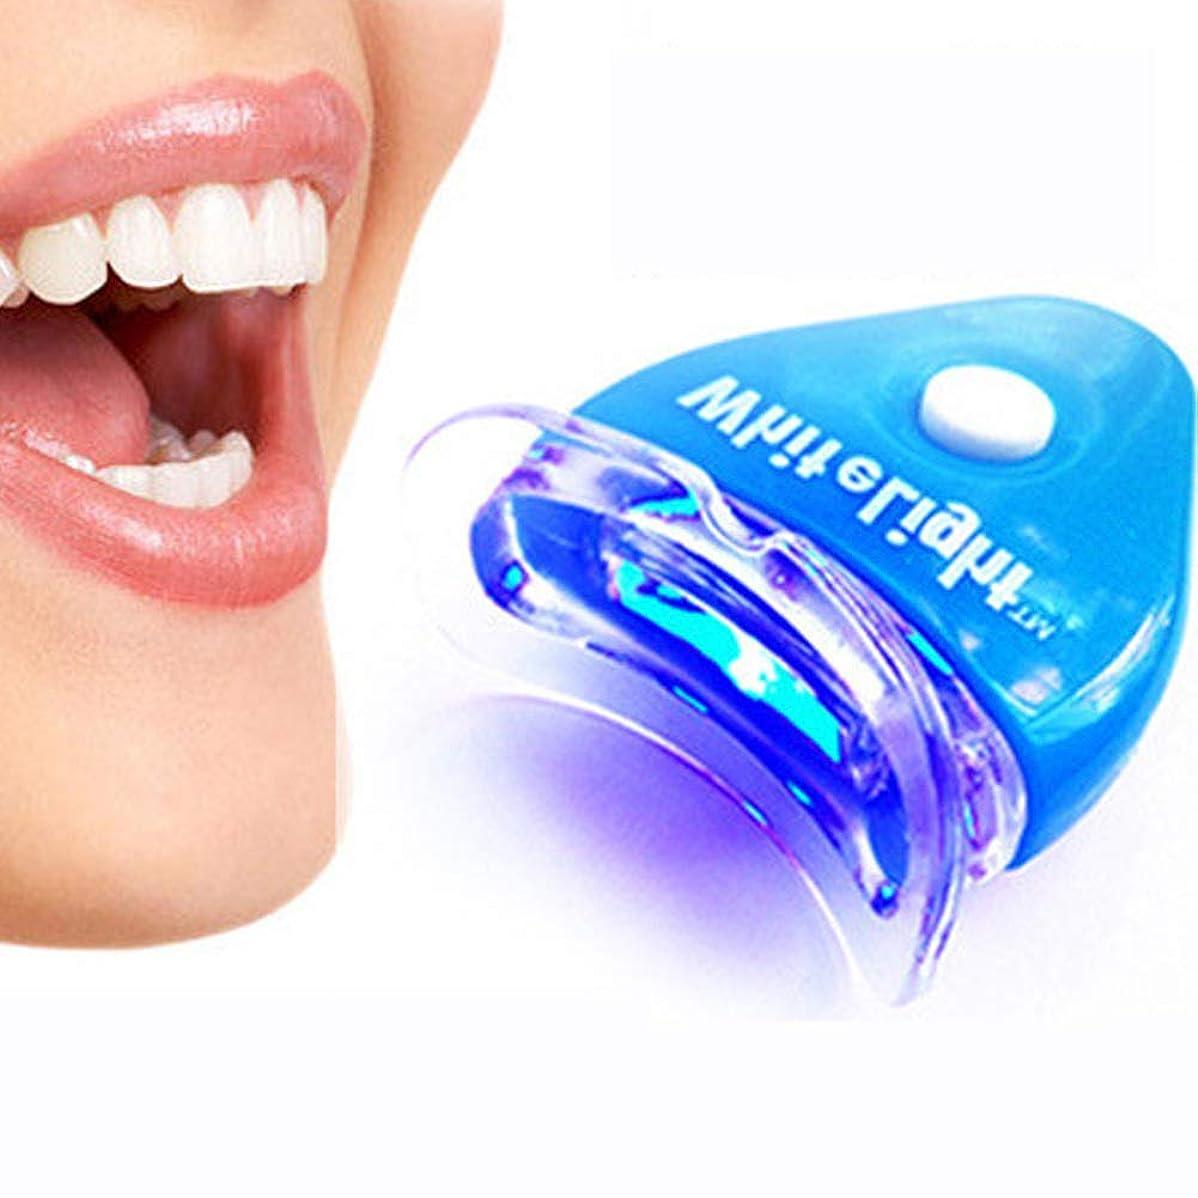 ピック黙火薬IPO 歯ホワイトニング器 歯美白器 美歯器 歯 ホワイトニング ホワイトナー ケア 歯の消しゴム 歯科機器 口腔ゲルキット ブルー